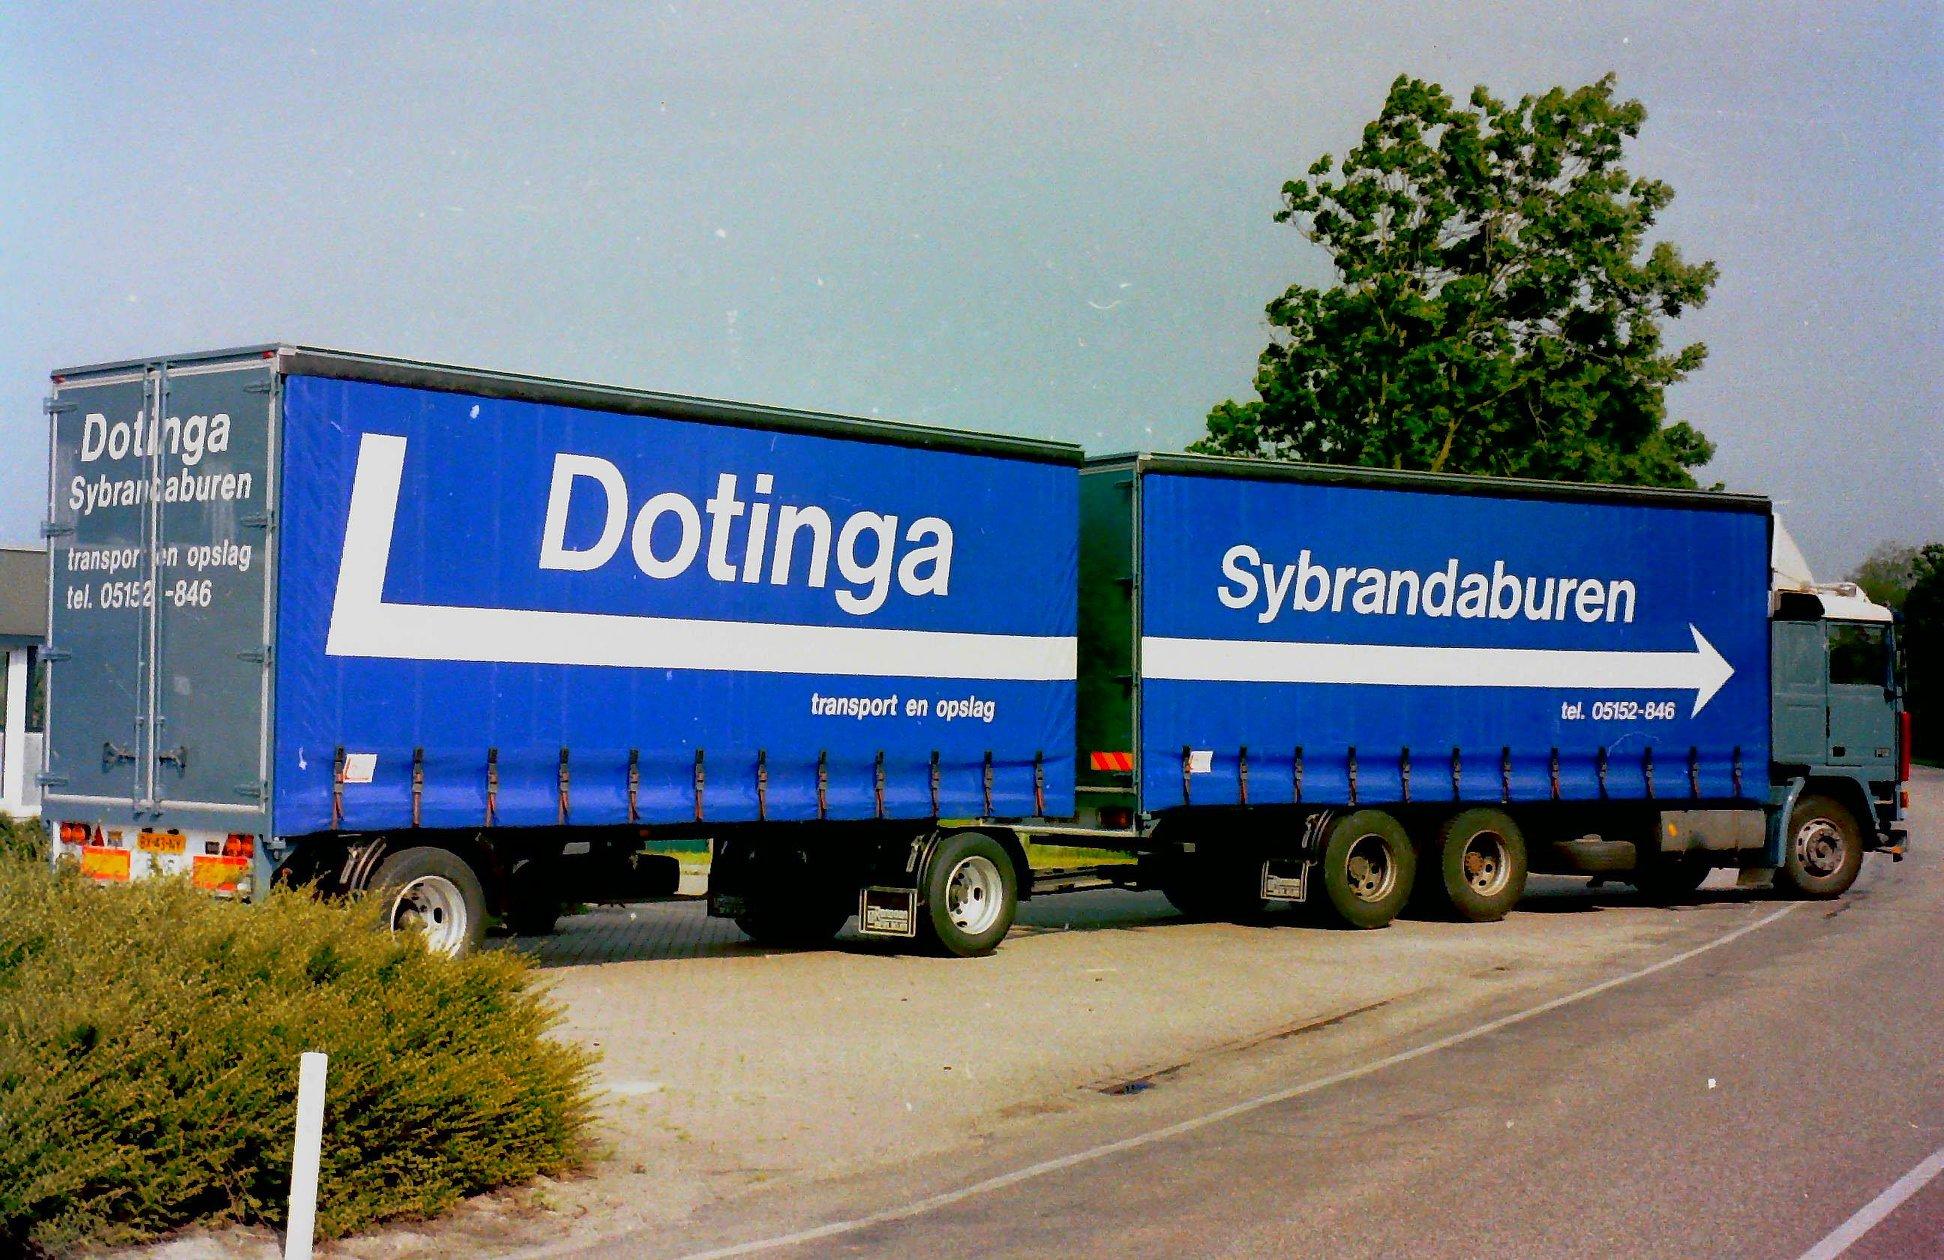 Volvo-door-Rondaan-opgebouwd-met-RAF-aanhangwagen-voor-Melle-Dotinga-uit-Sybrandeburen-2